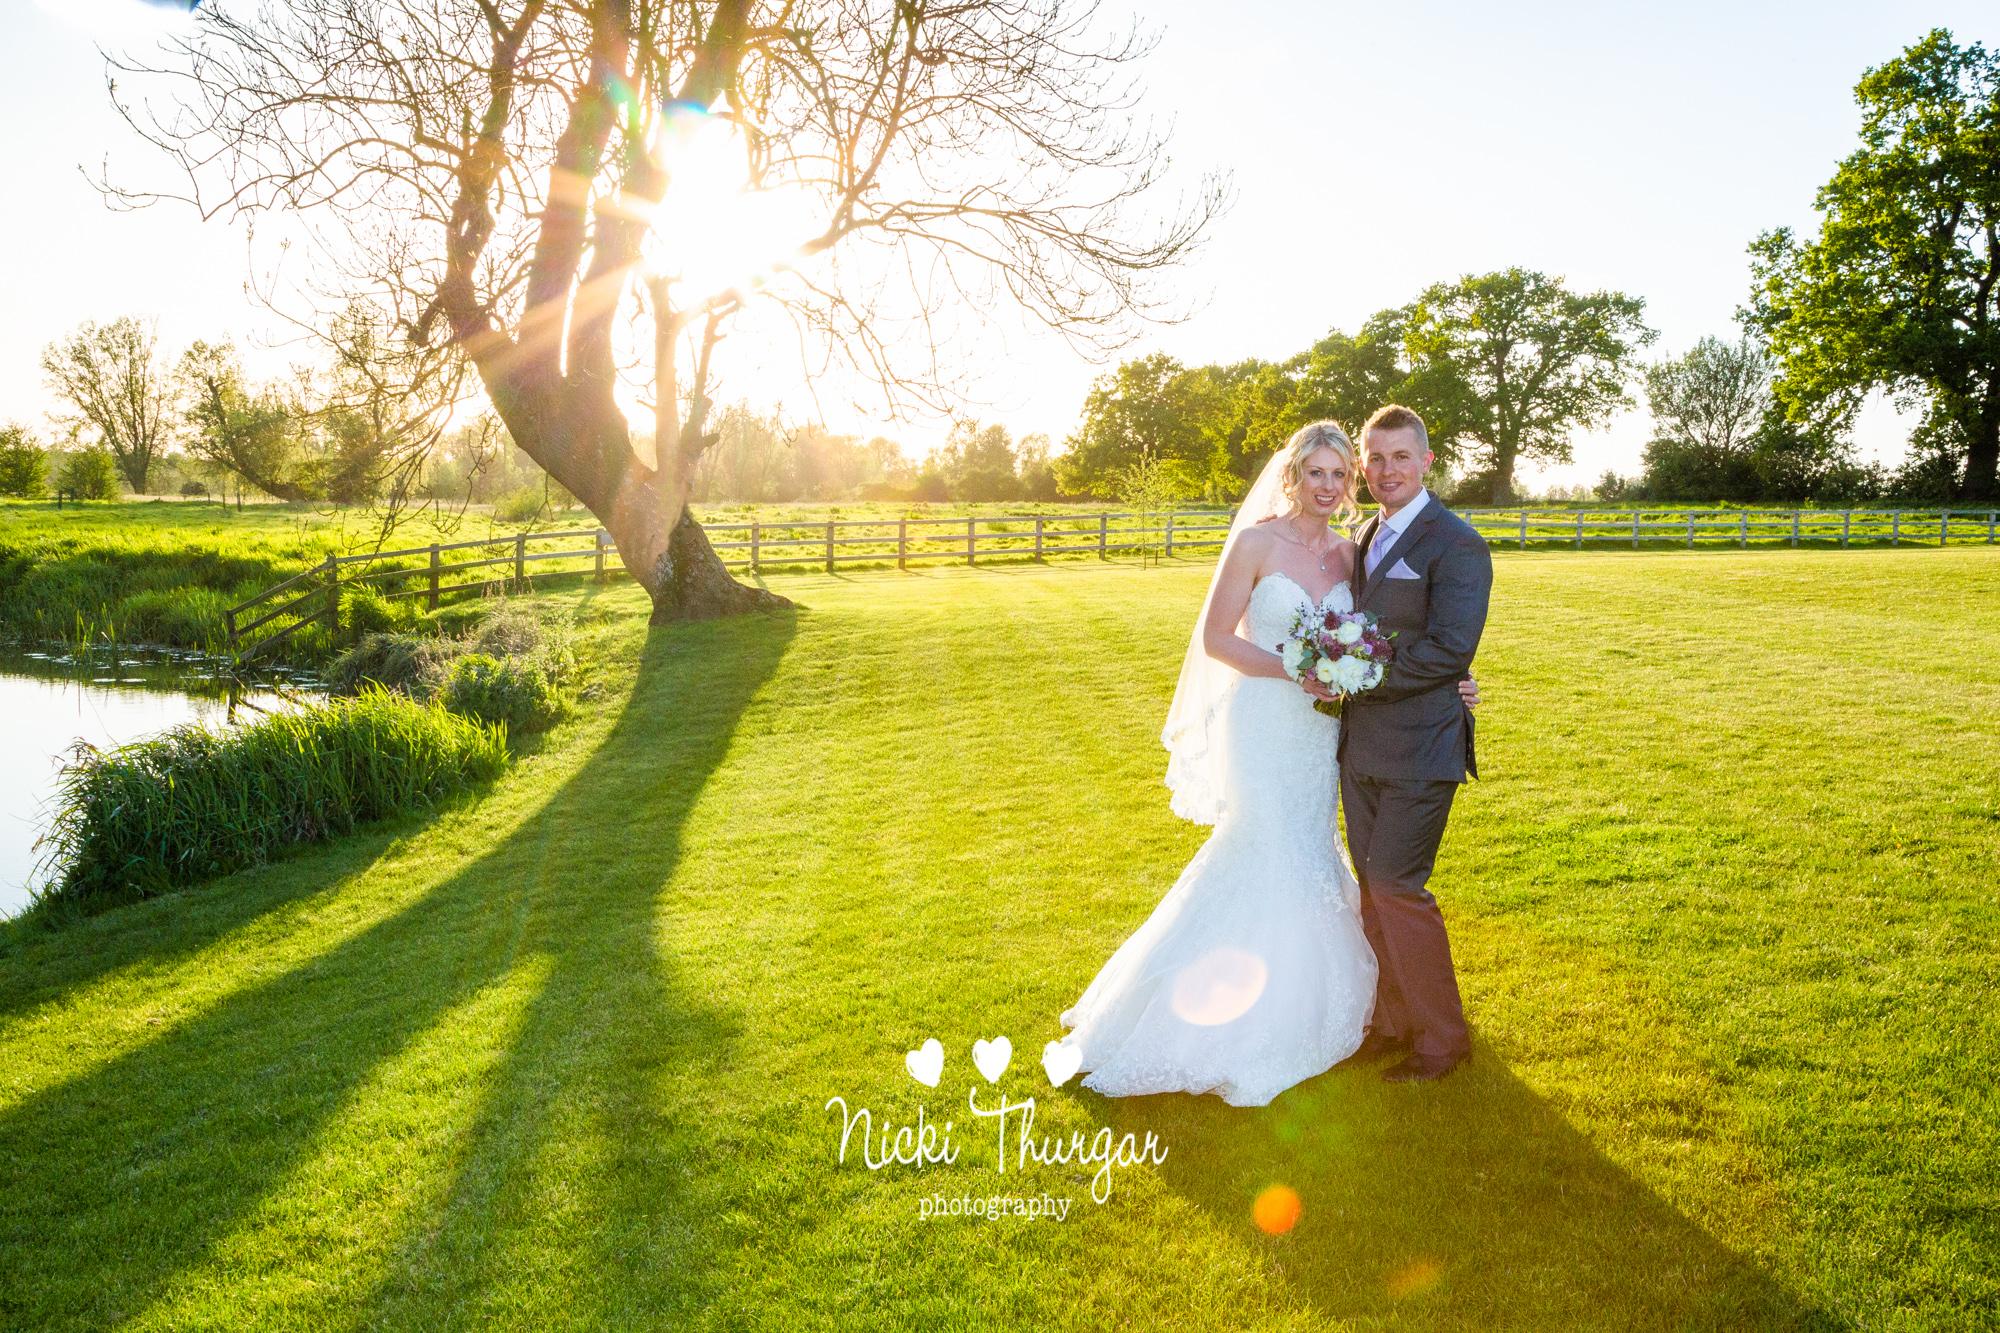 Caitlin & Andrew's wedding - 160514-photos © Nicki Thurgar Photography- 0835